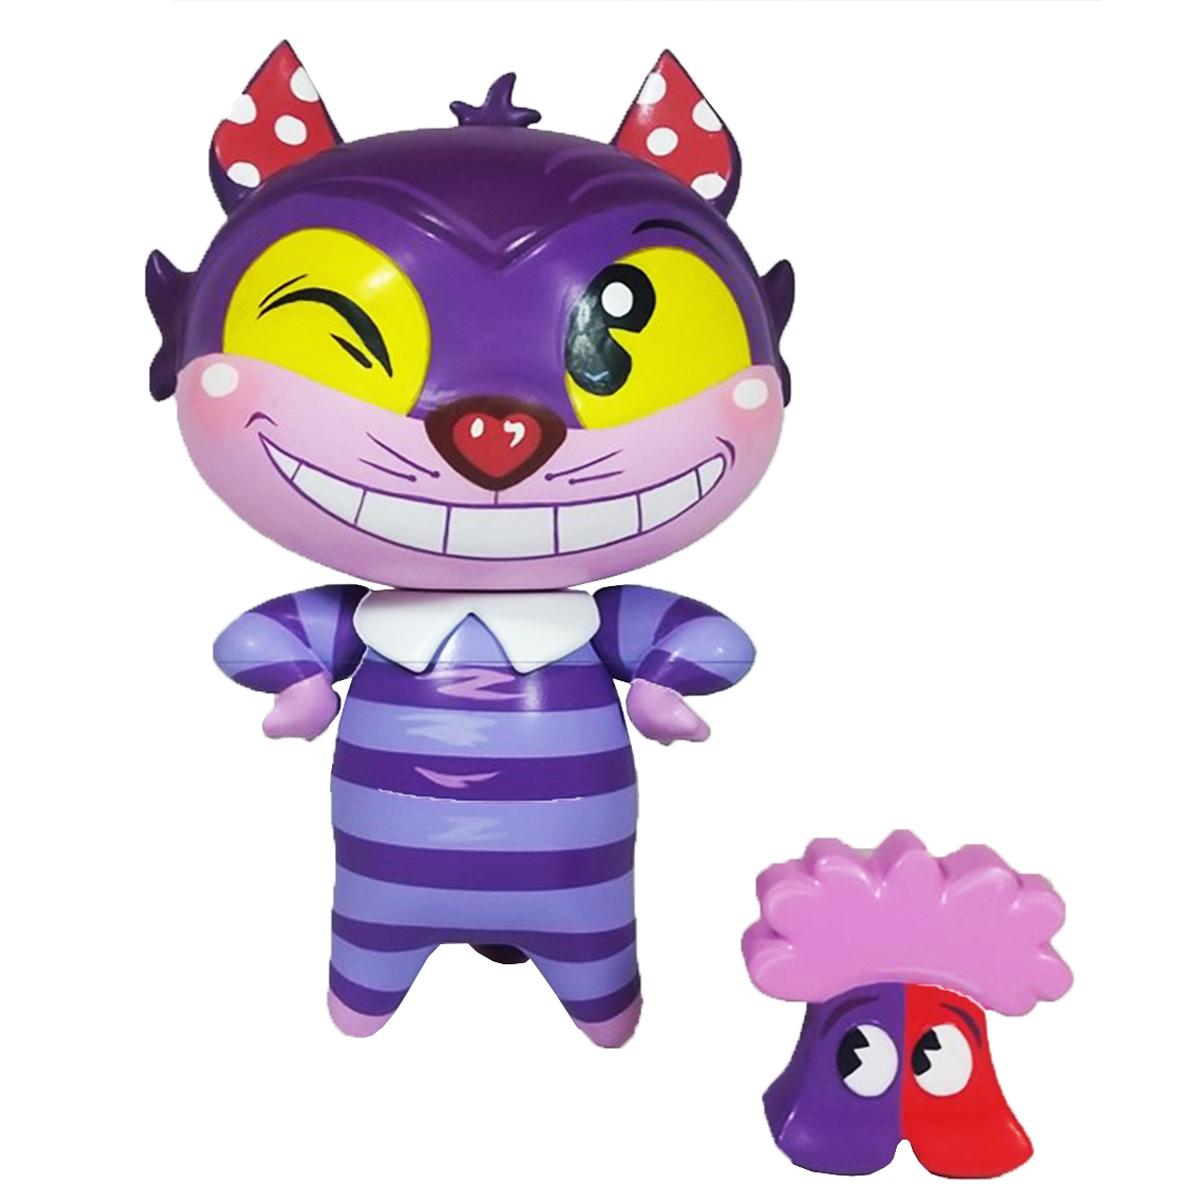 Figurine créateur \'Chat du Cheshire\'  (Miss Mindy) - 17x115x11 cm - [Q5105]